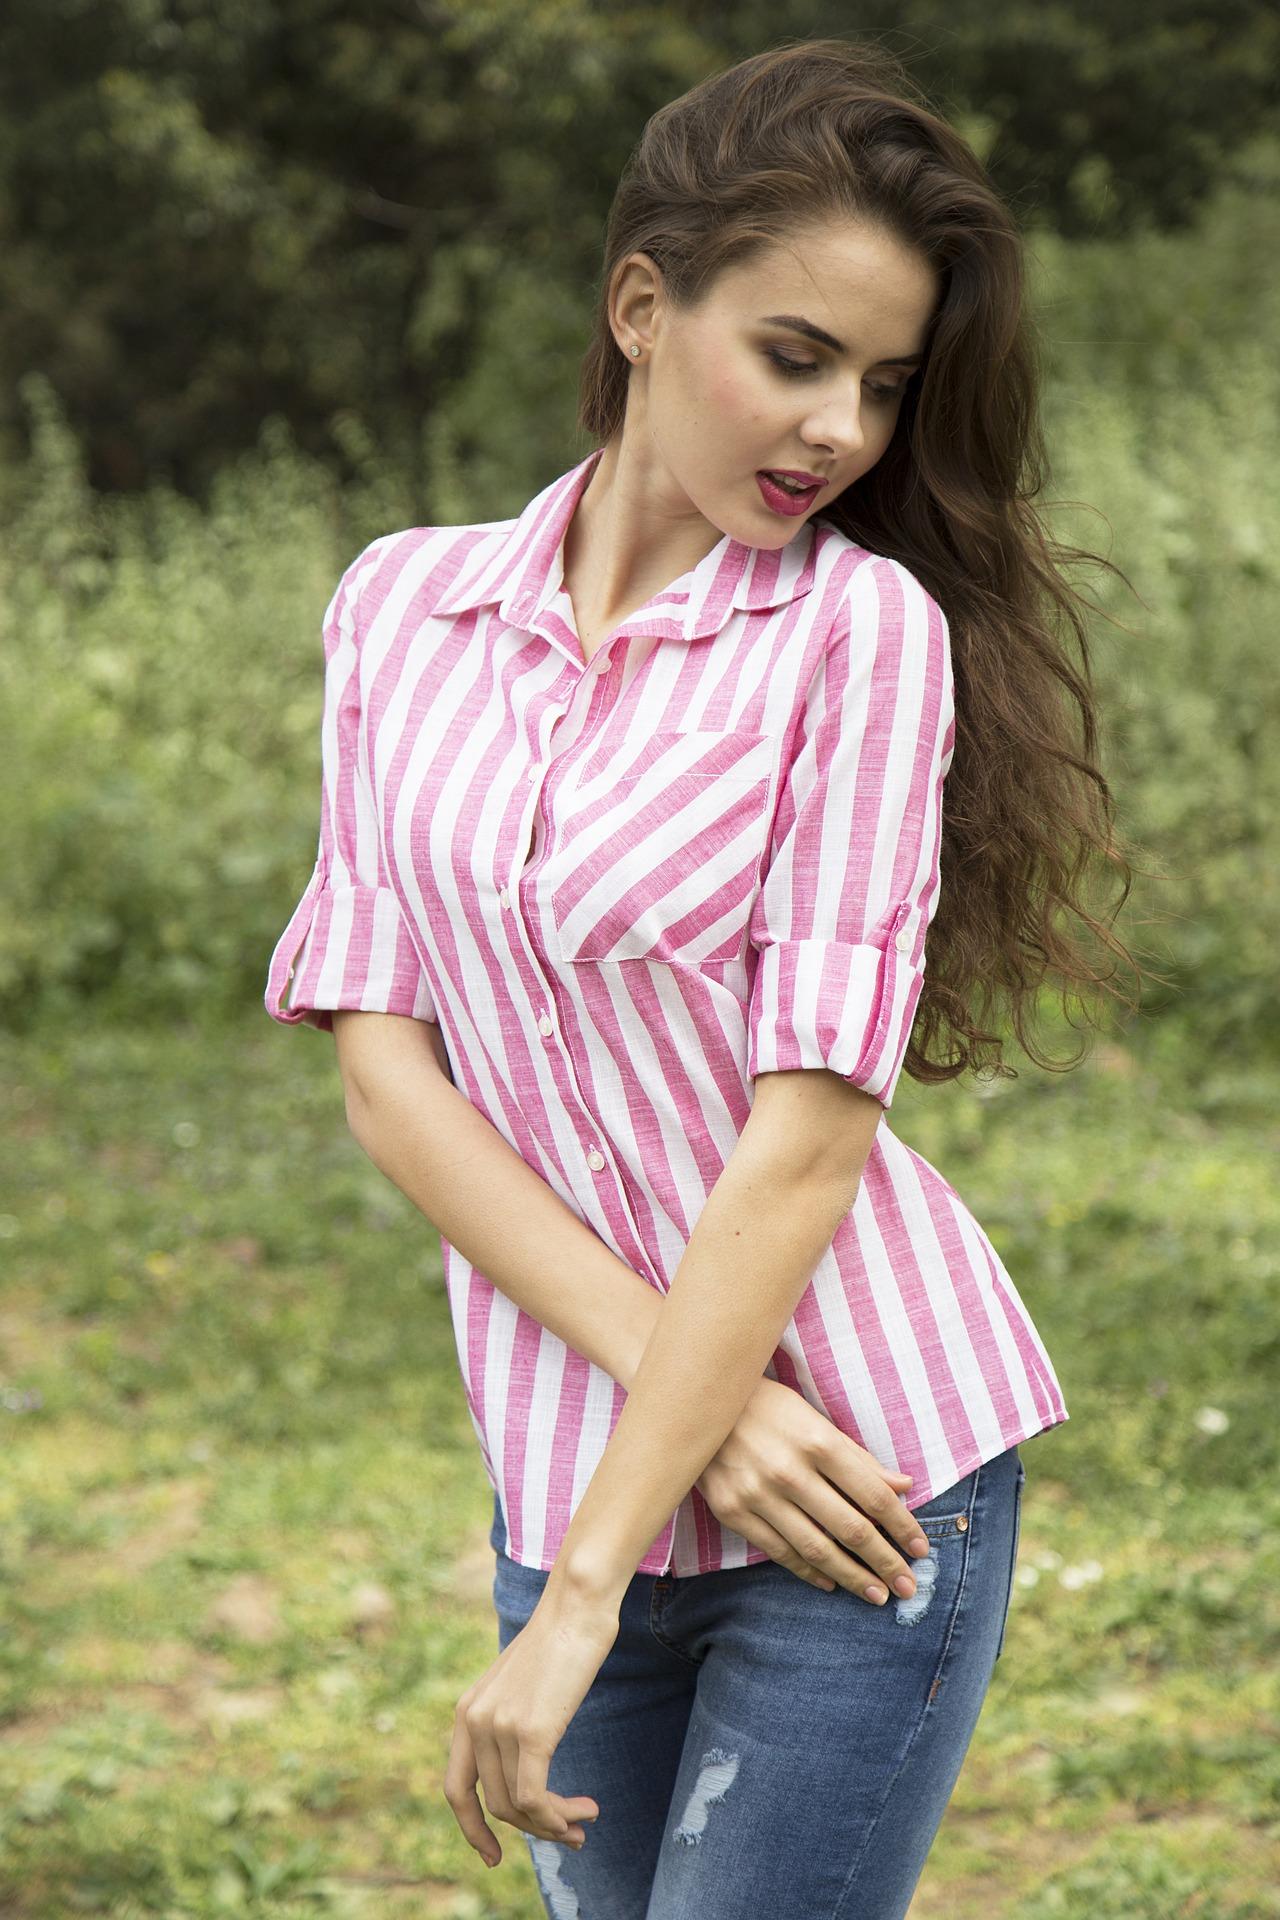 La chemise chez les femmes.